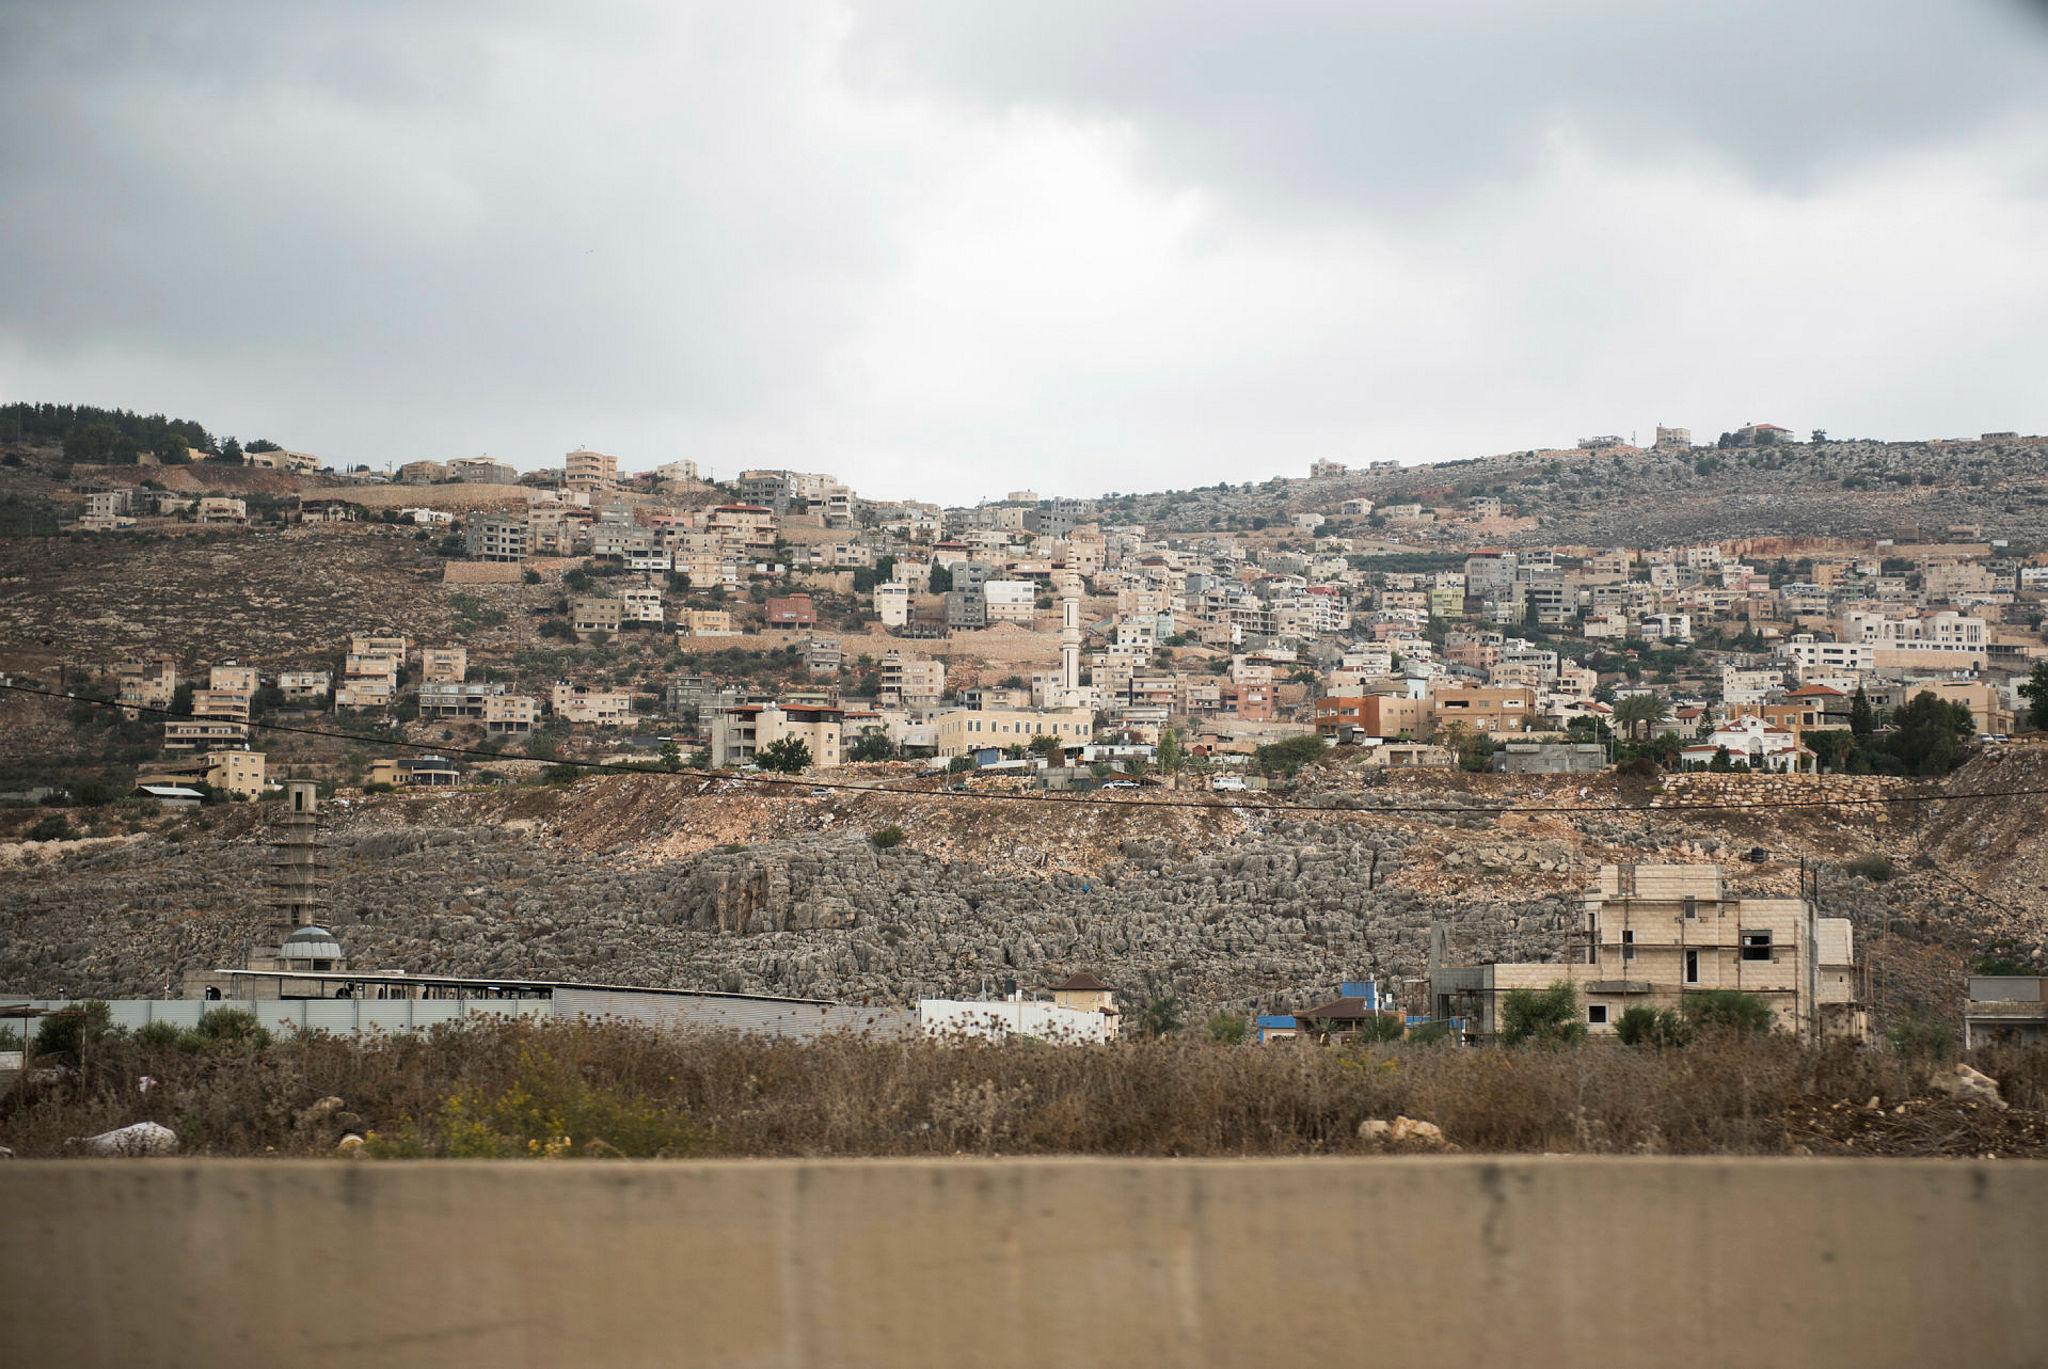 Arab town Majd al-Krum in the Upper Galilee